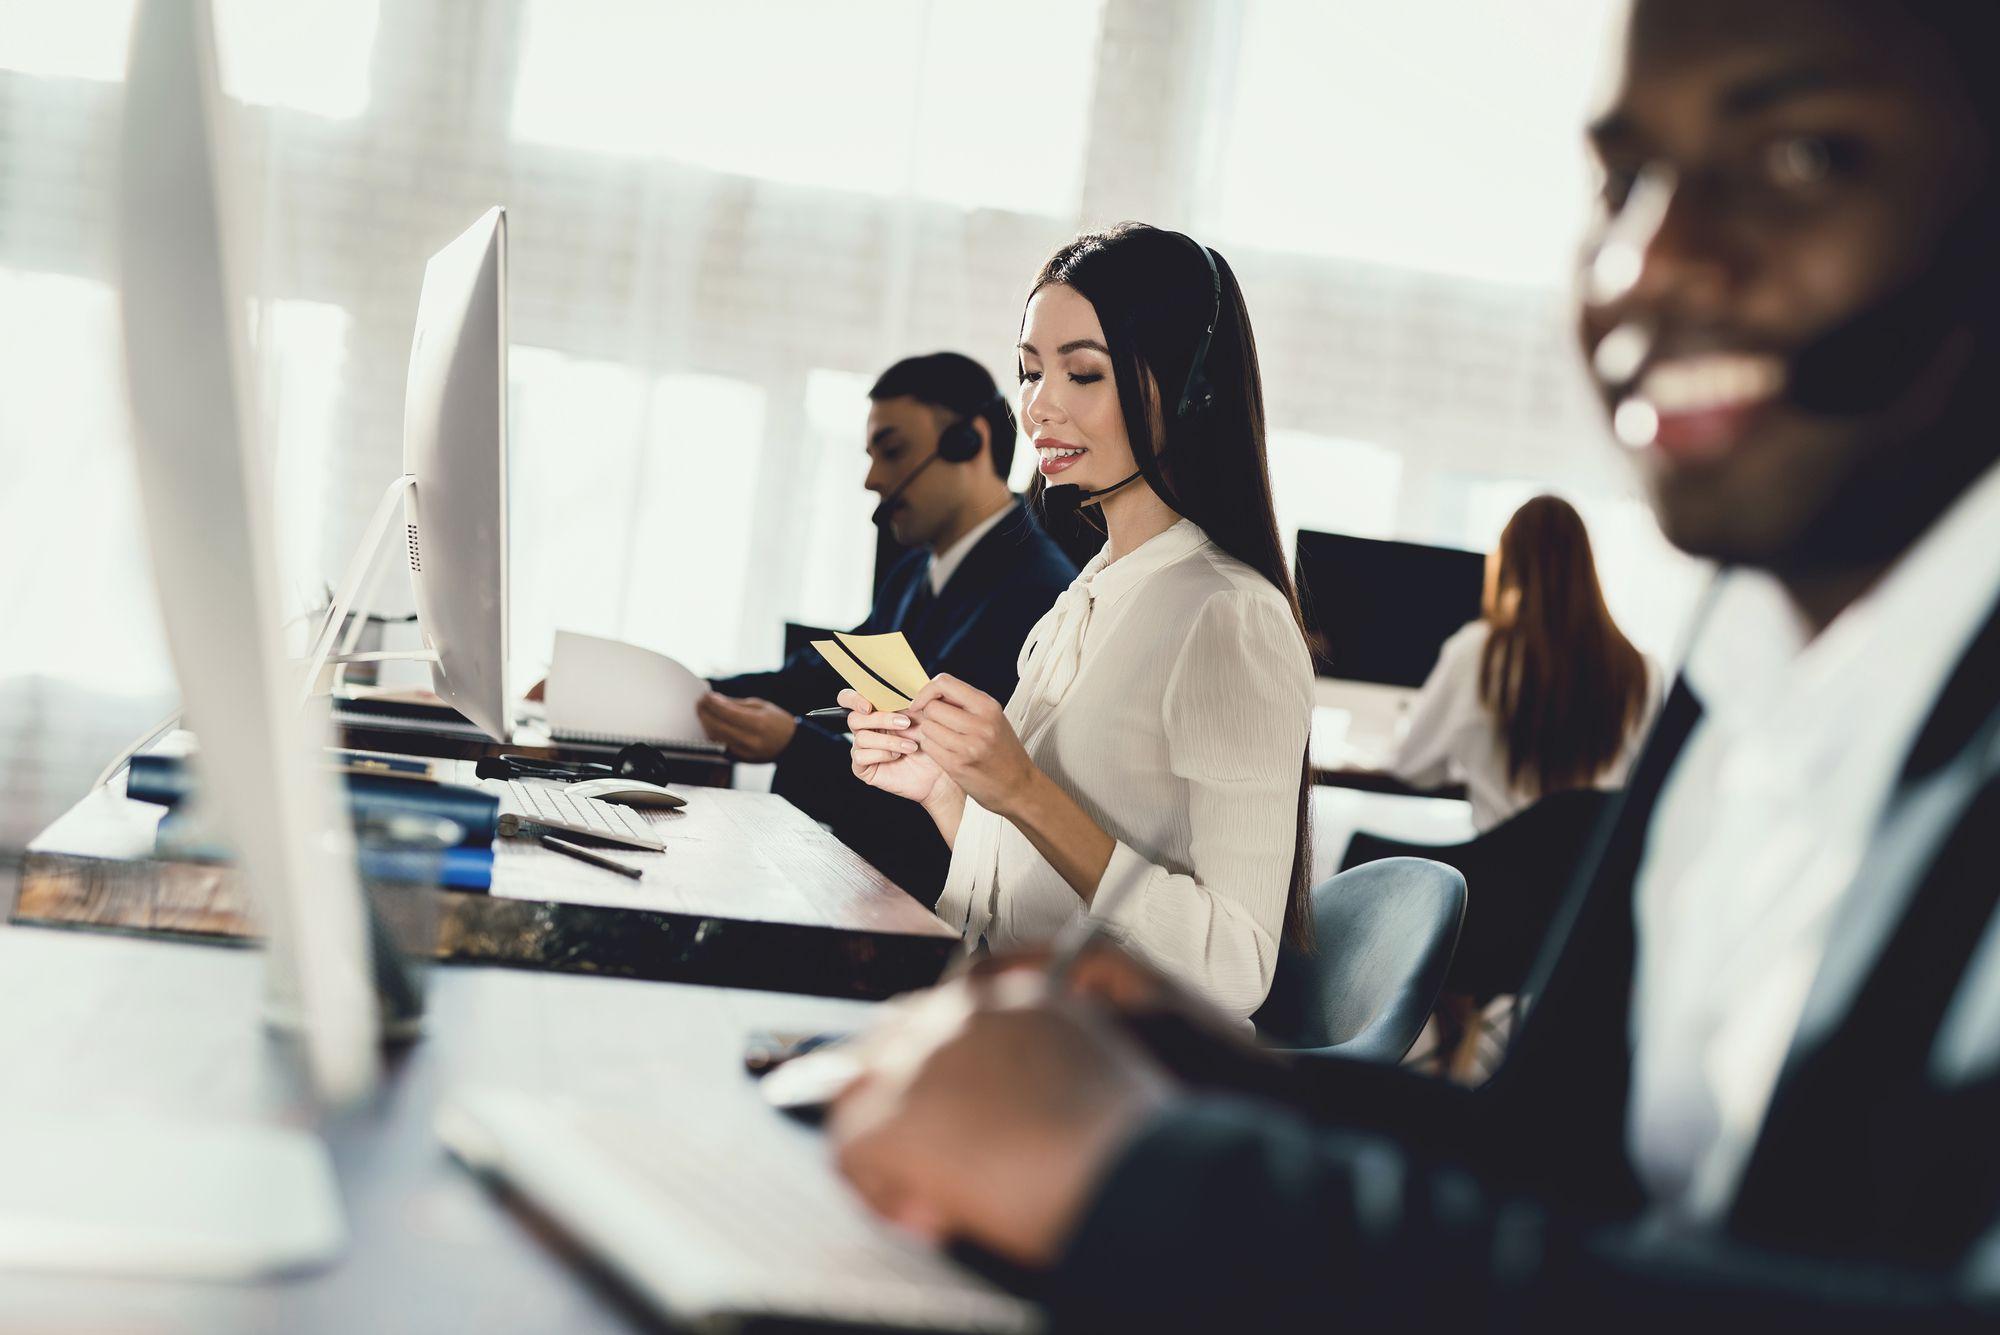 Figura - Conheça 7 habilidades essenciais de um profissional de help desk